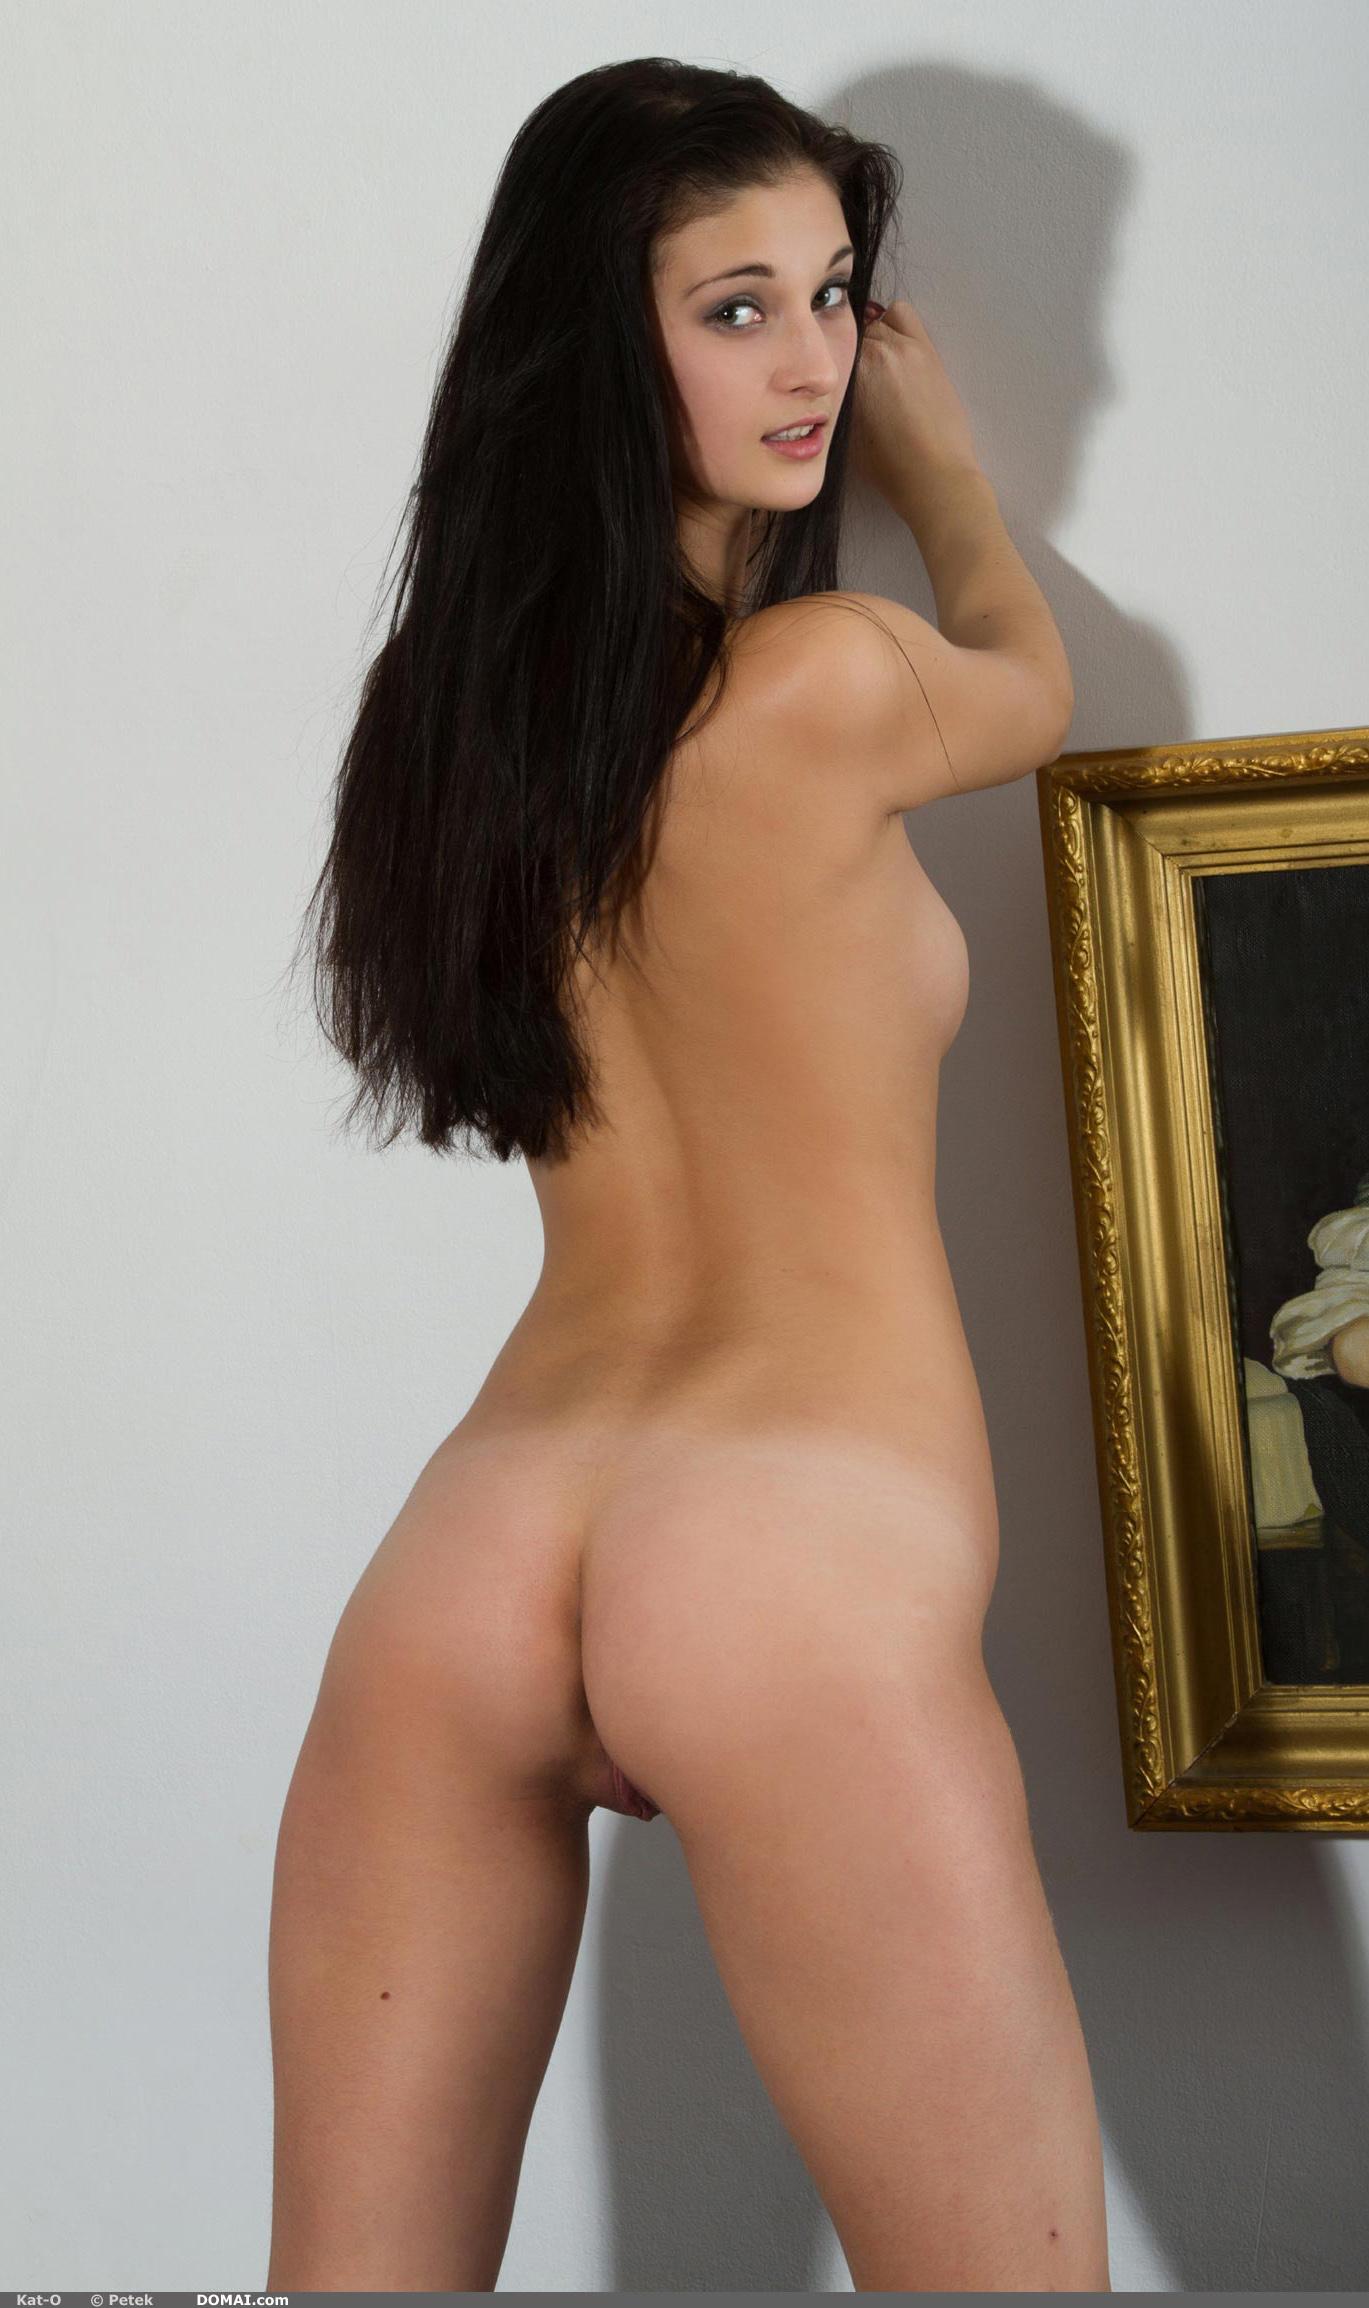 domai.com-kat-o-nude DOMAI Nude photos, pics of beautiful women and models Nude Art pics,  naturism, nudists at Domai